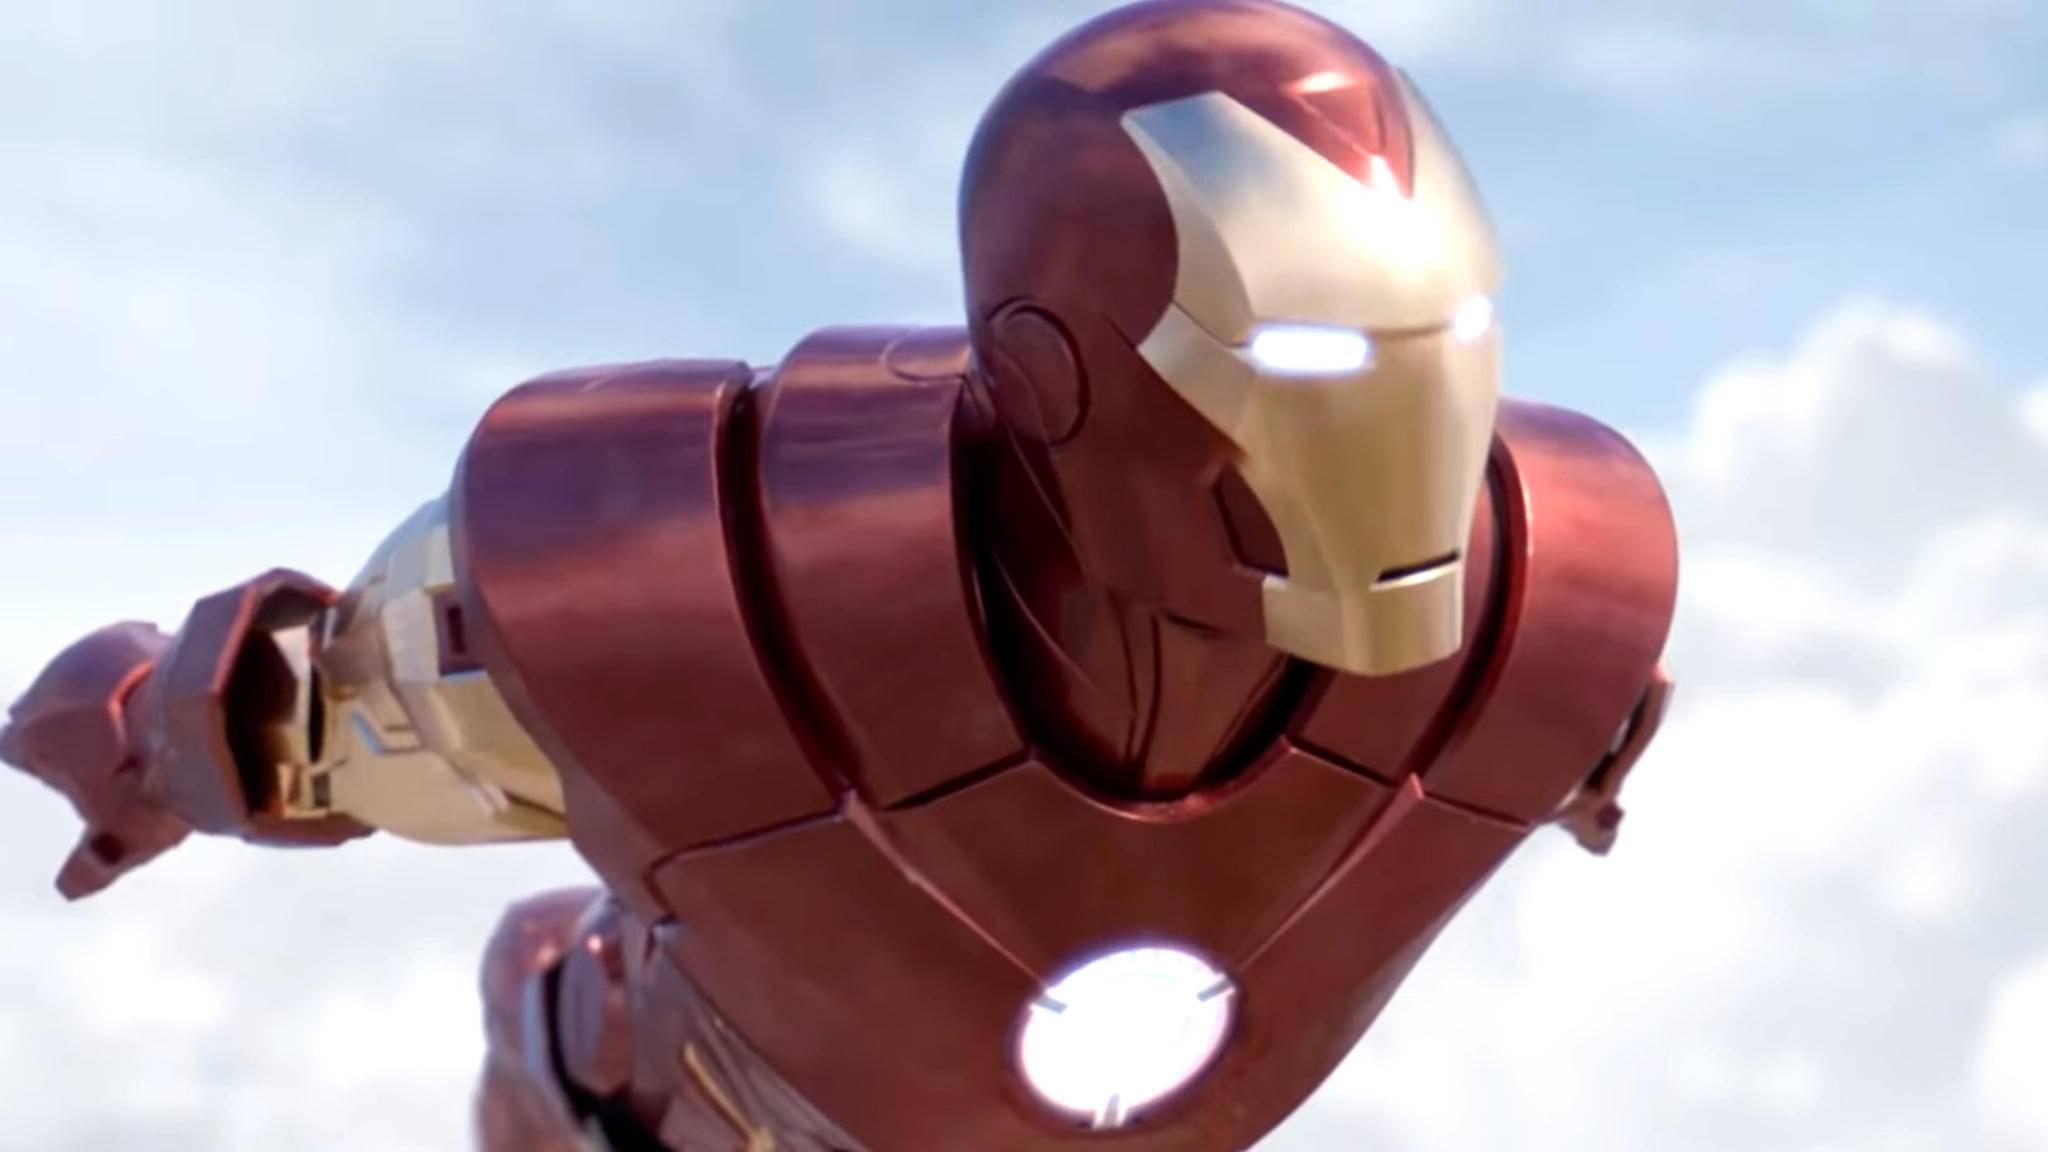 """Zackig durch die Lüfte im coolen rot-goldenen Anzug: Ab 3. Juli kannst Du mit """"Iron Man VR"""" durchstarten."""